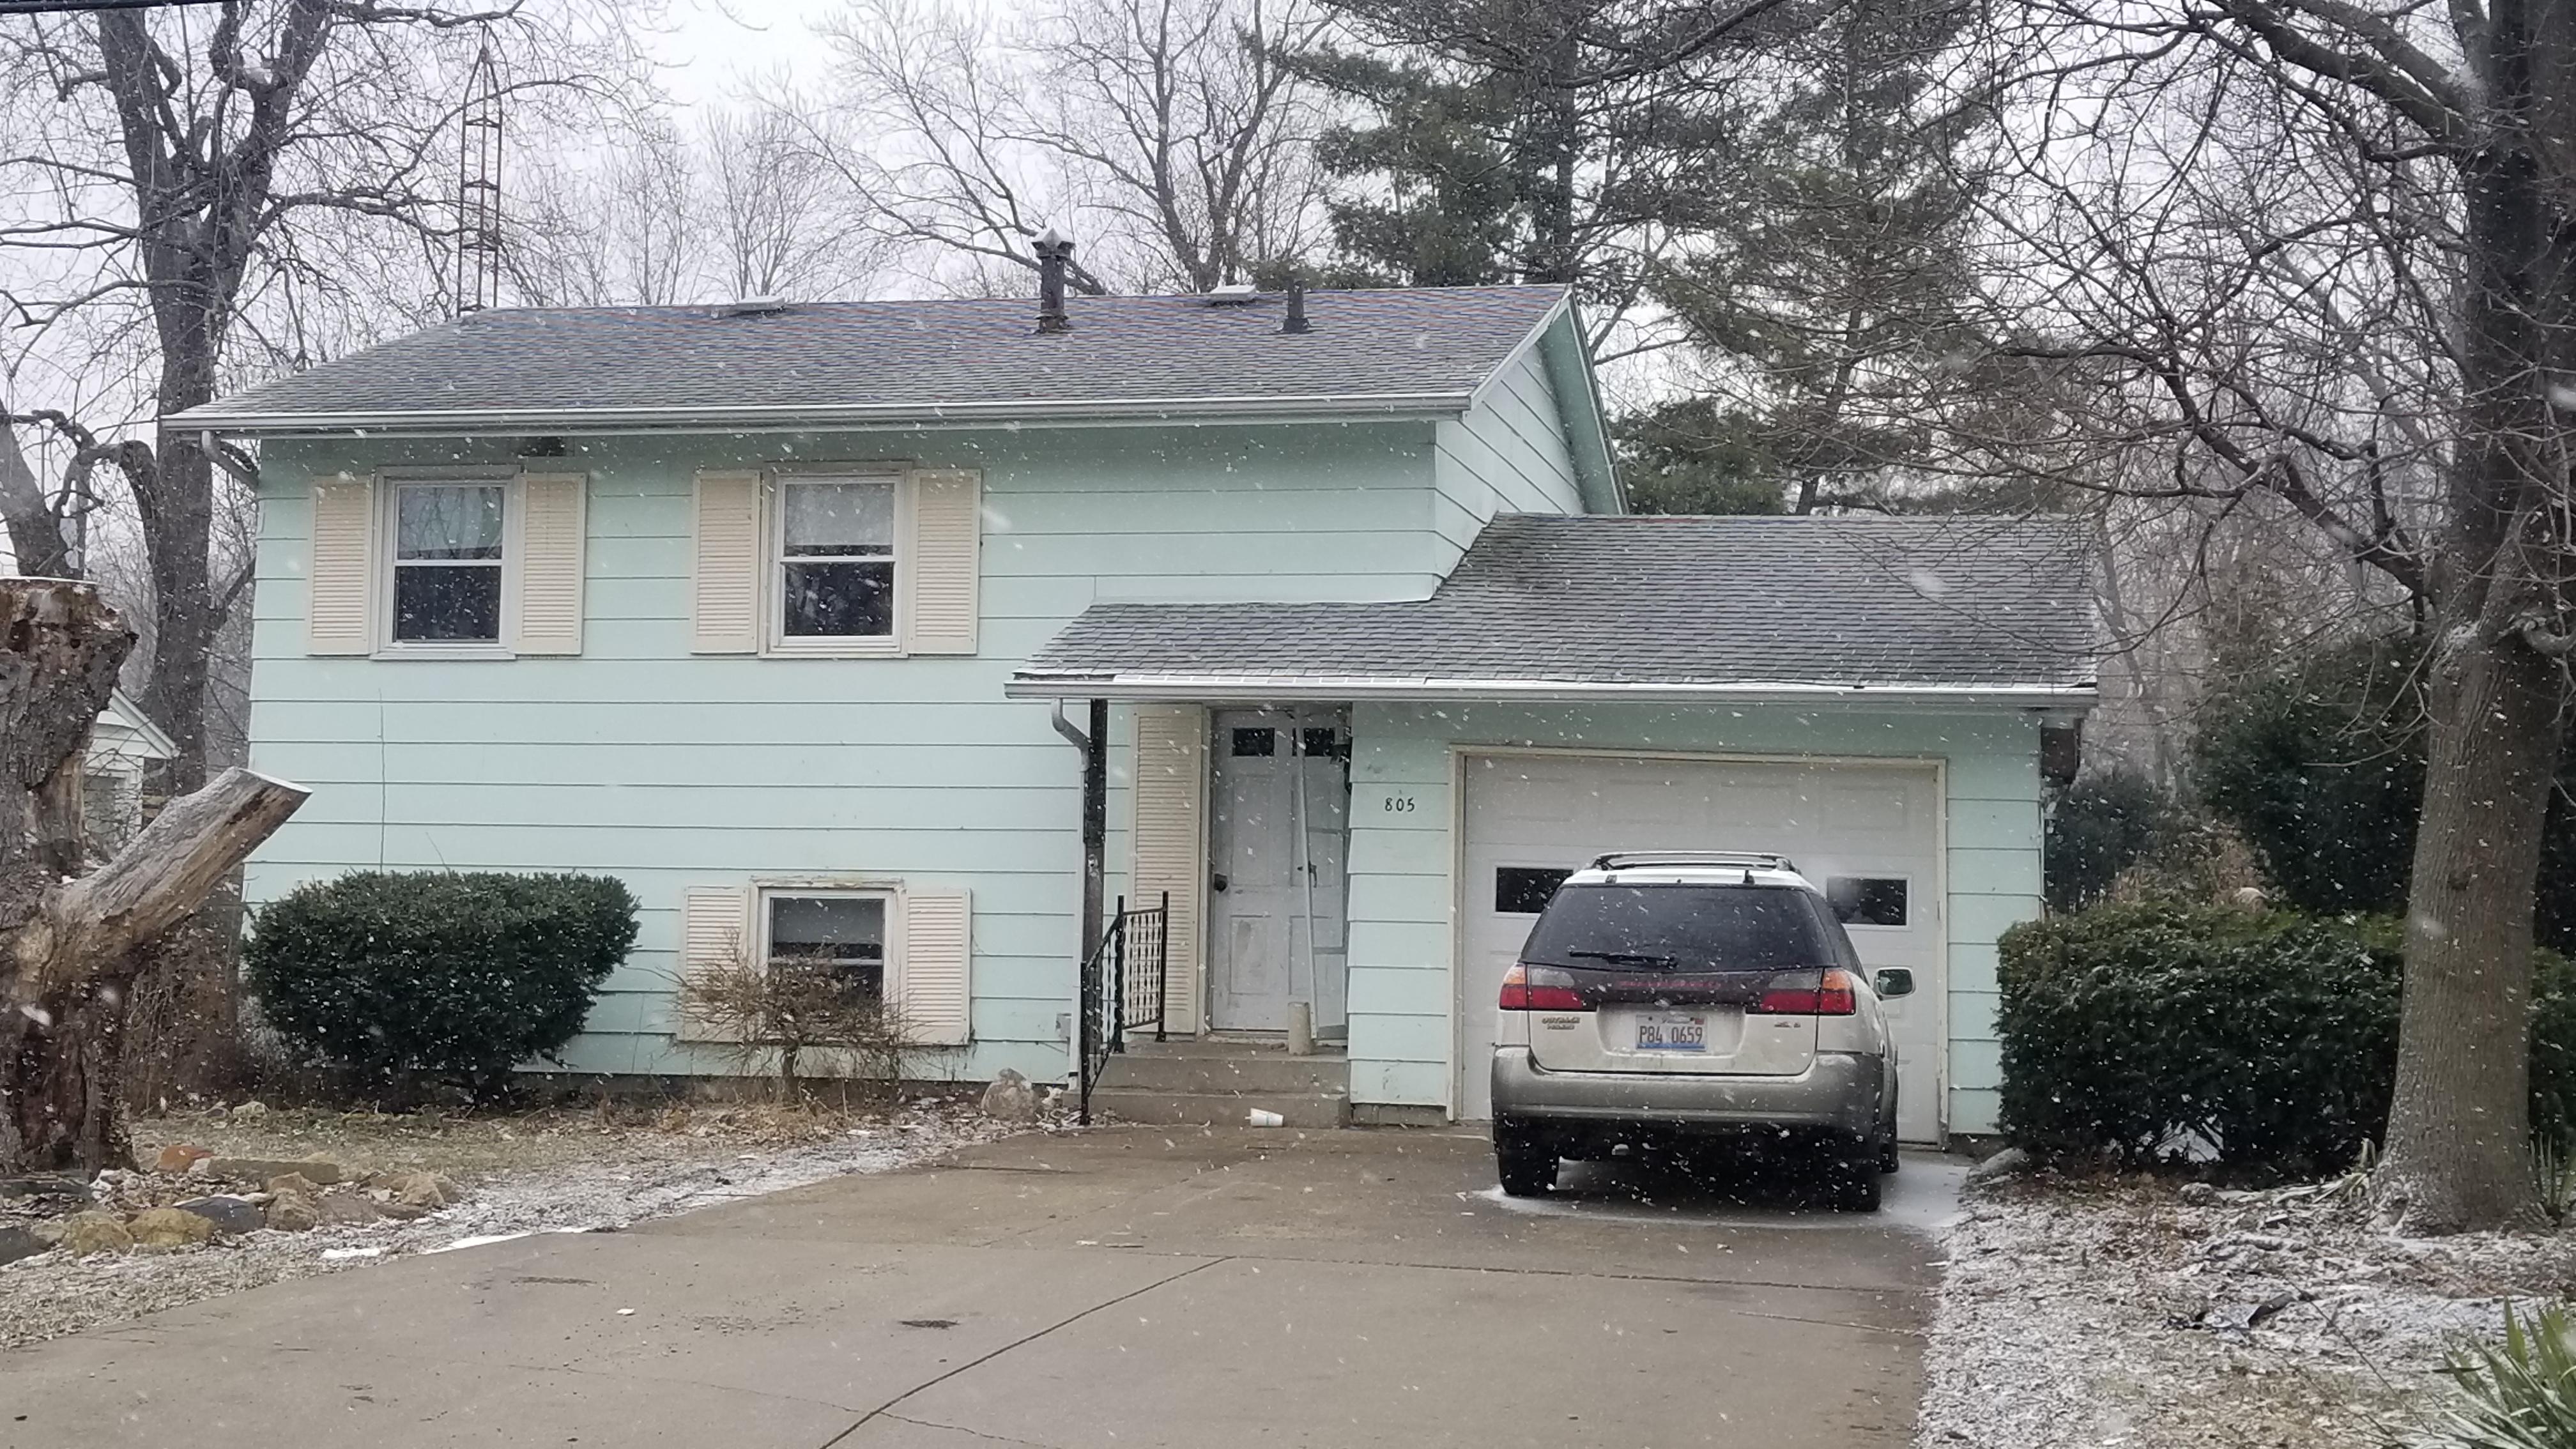 805 S Grove, Normal, IL 61761 – SOLD